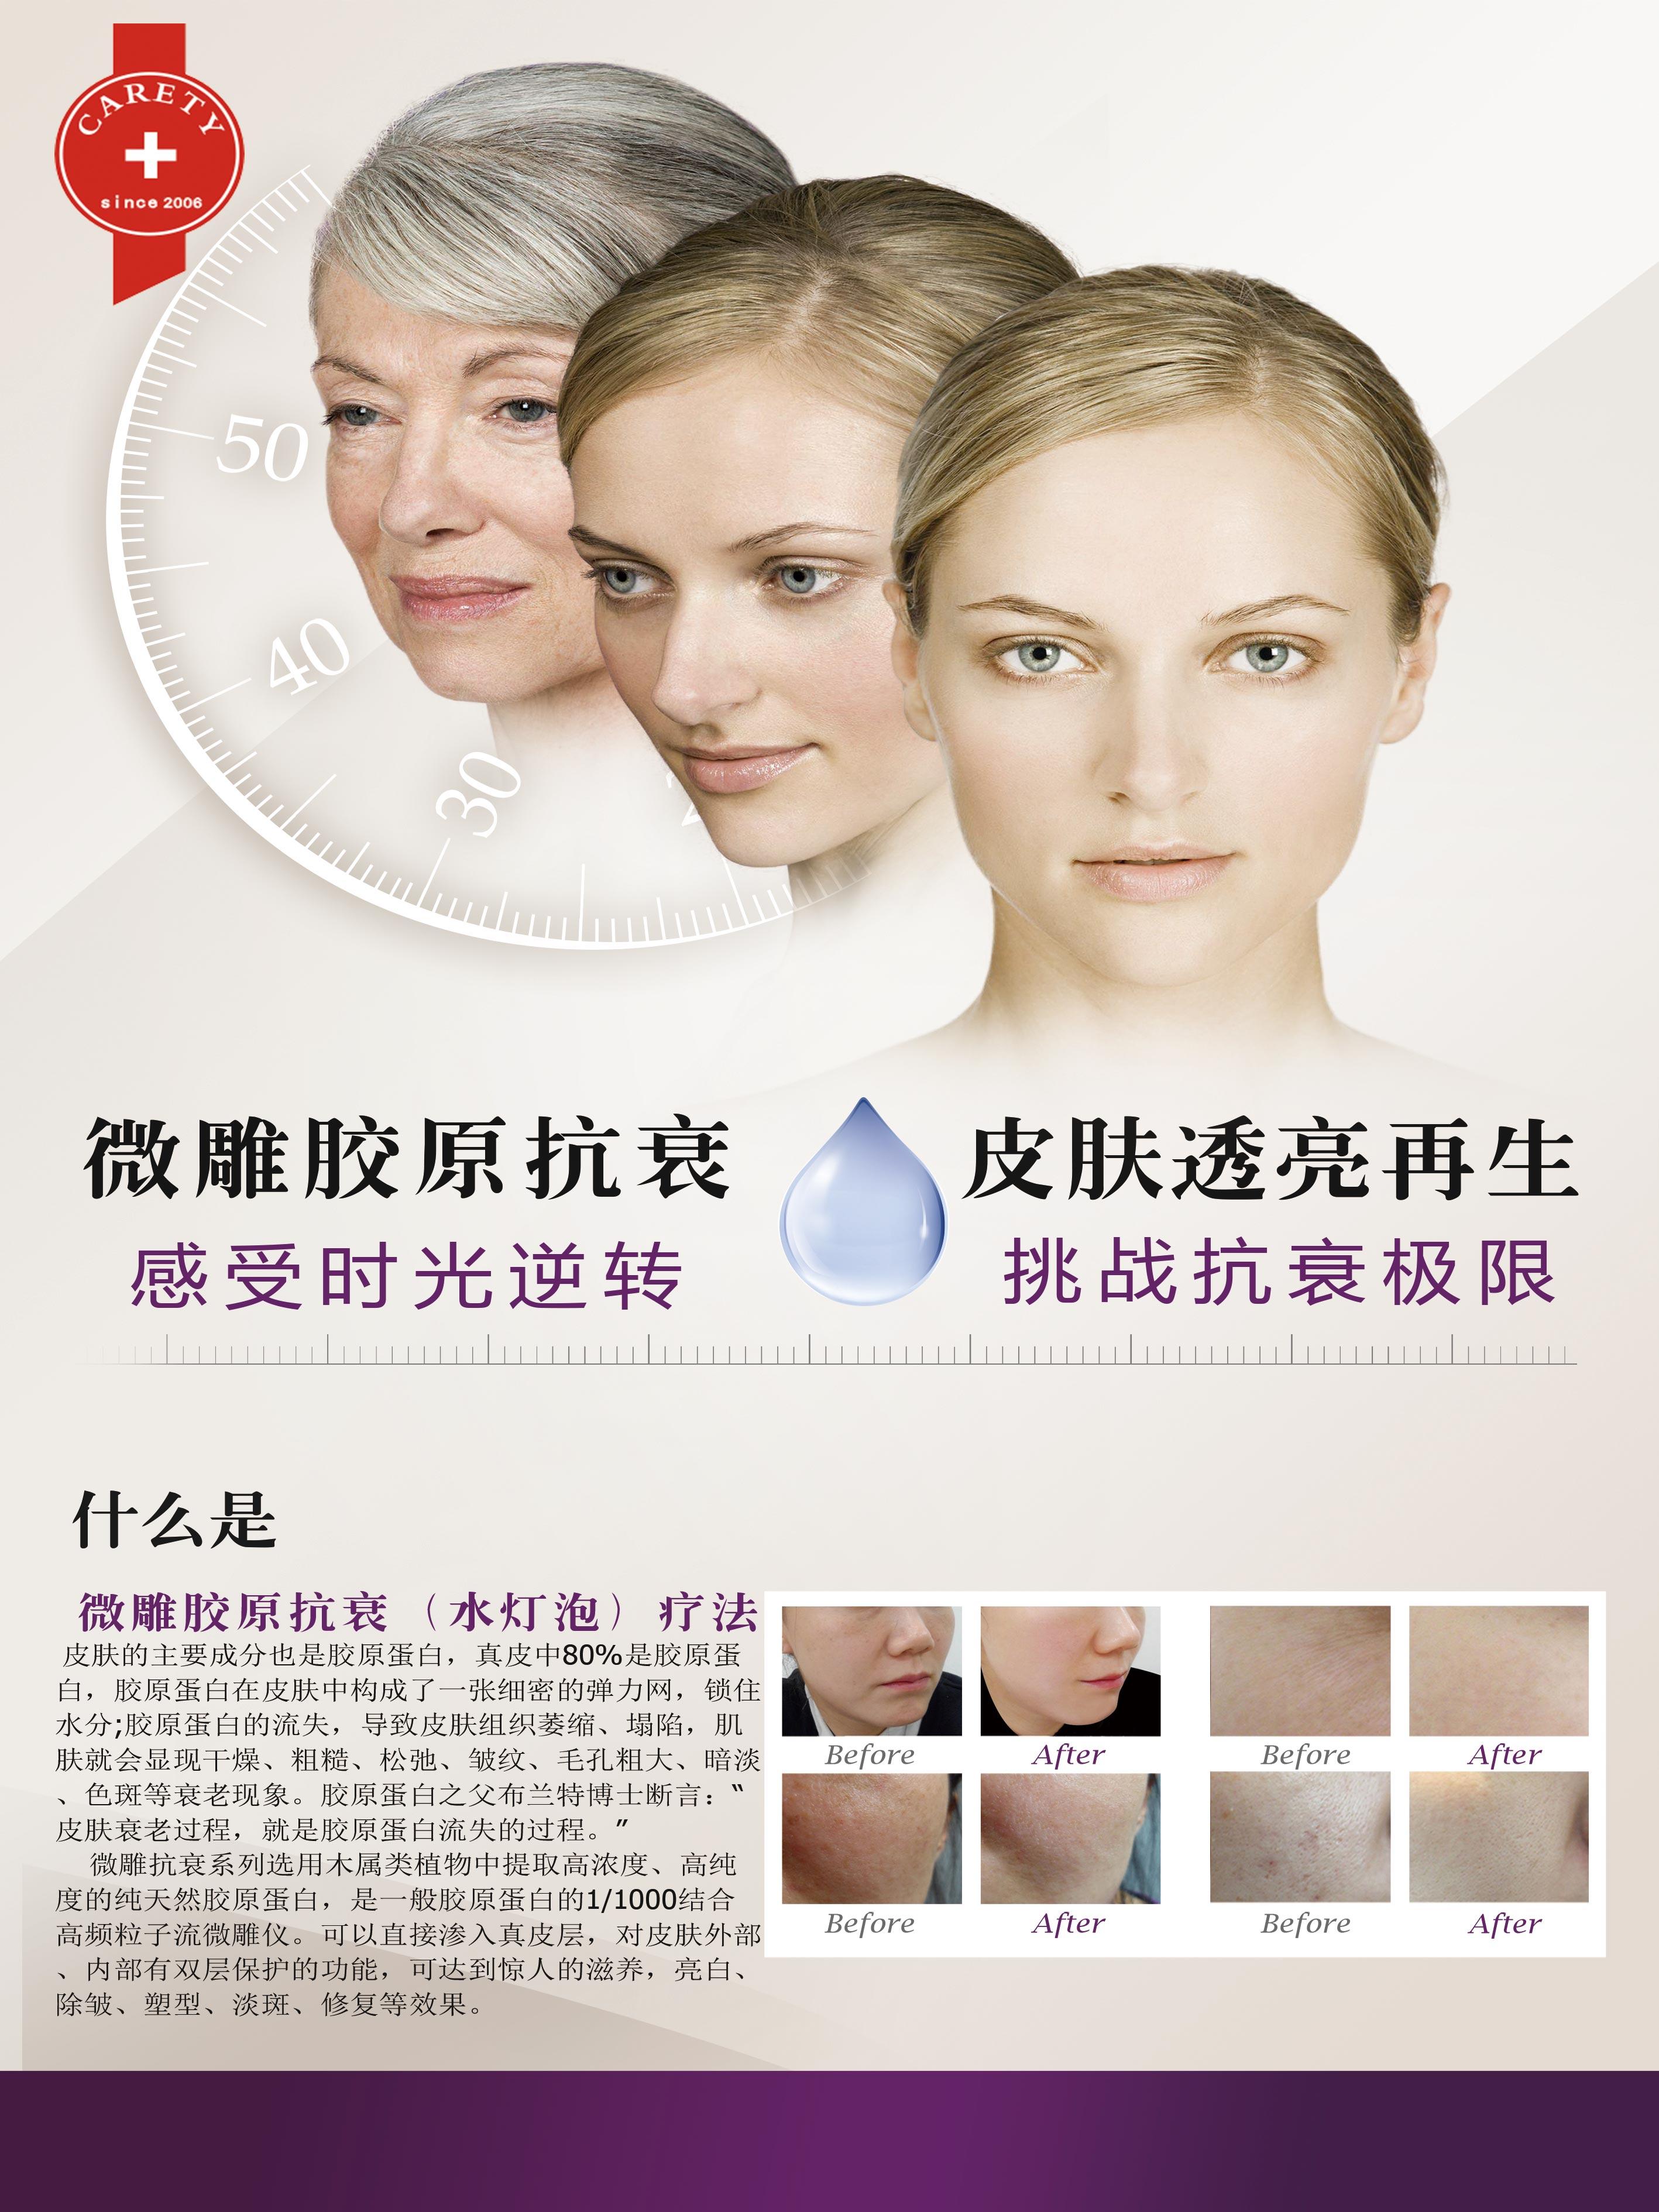 福建专业的非手术轮廓修复美容技术,福州非手术整形加盟